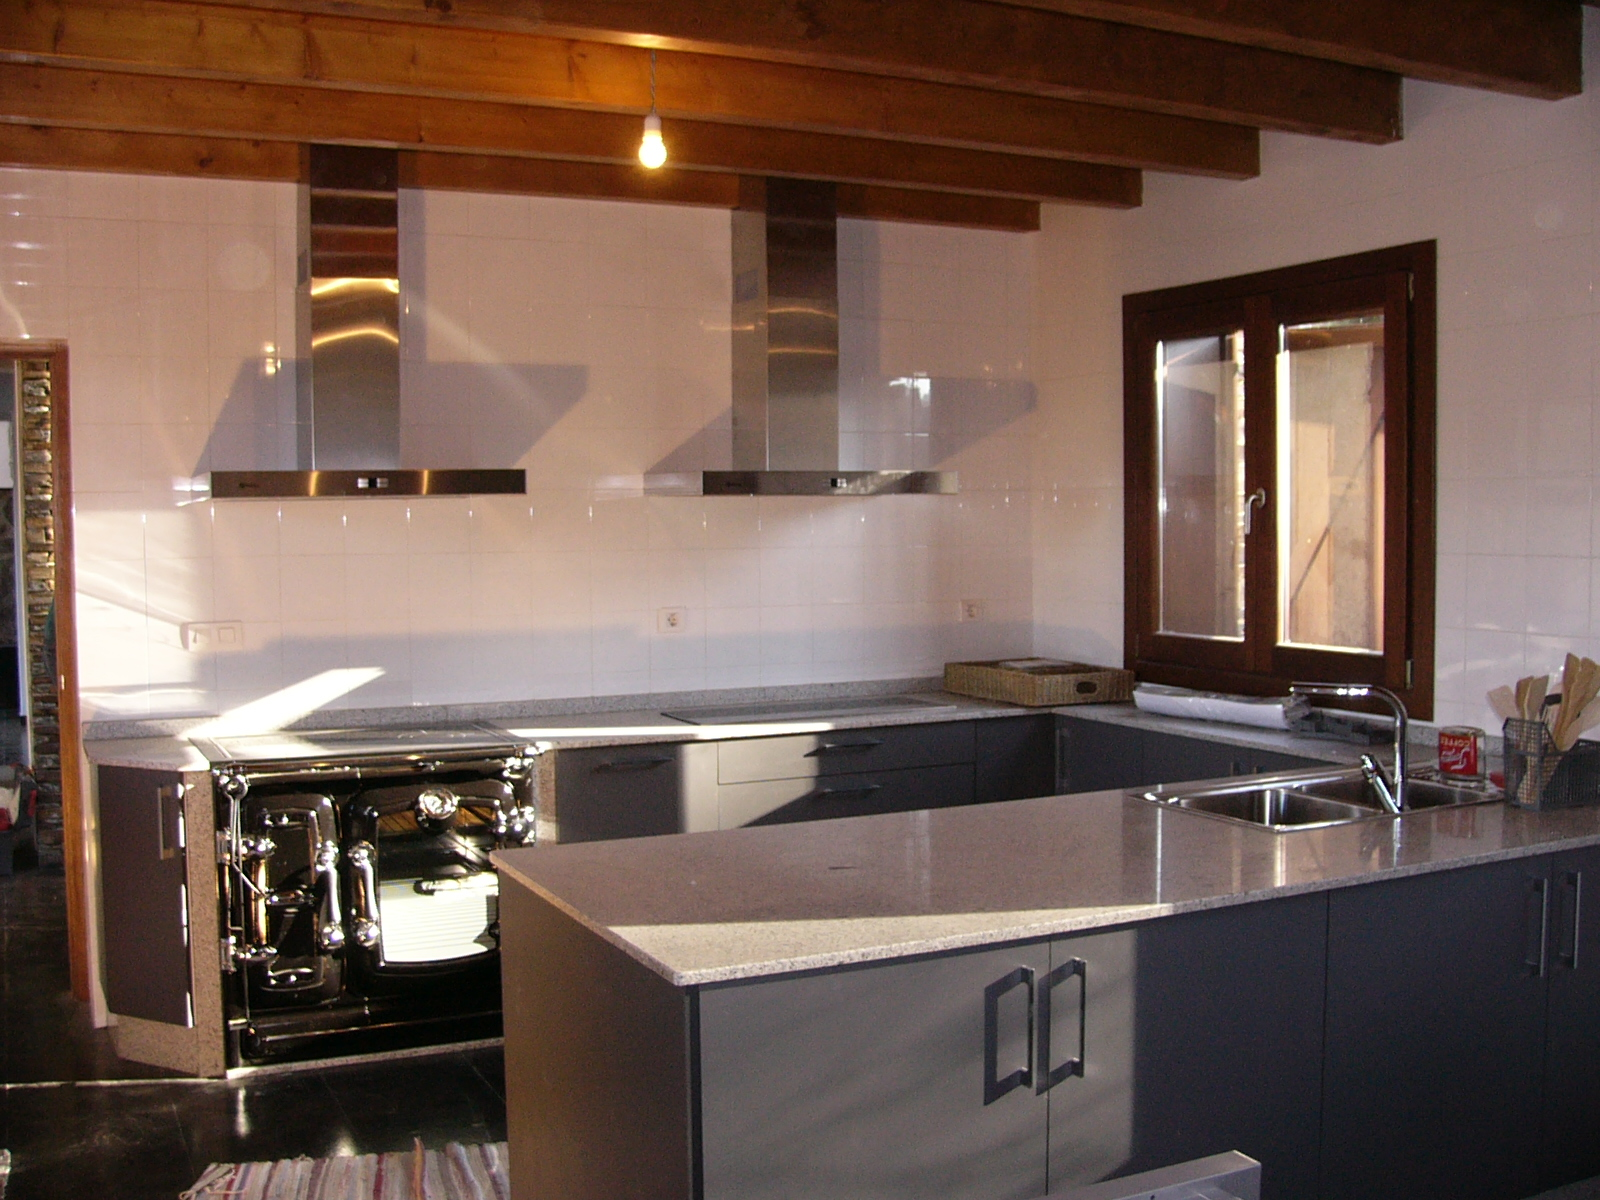 Sfc muebles sostenibles y creativos cocinas for Encimera granito blanco cristal